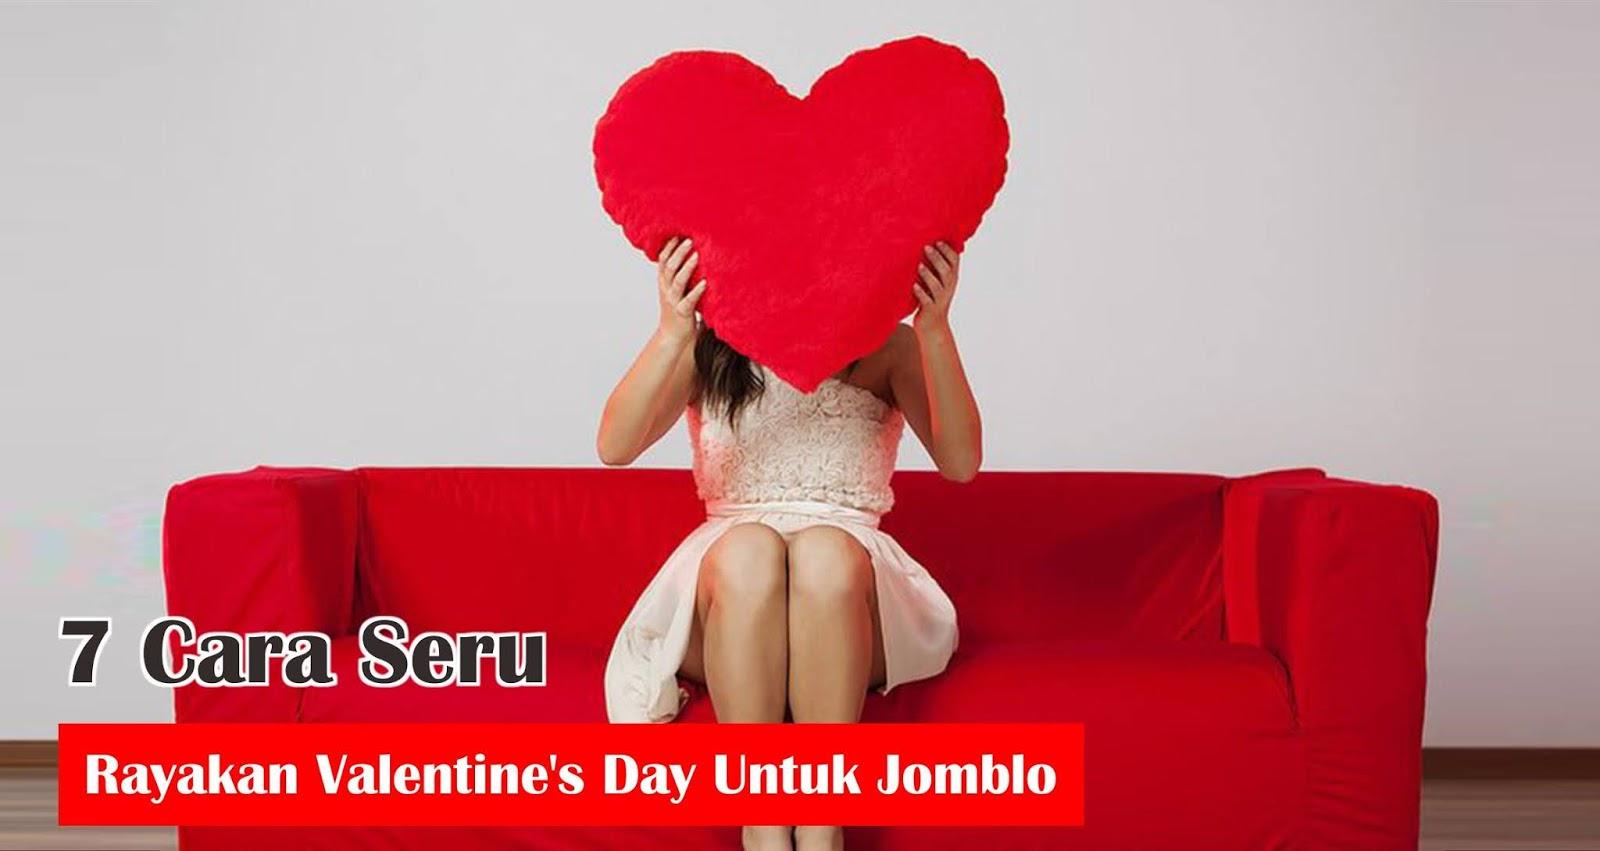 7 Cara Seru Rayakan Valentine's Day Untuk Jomblo